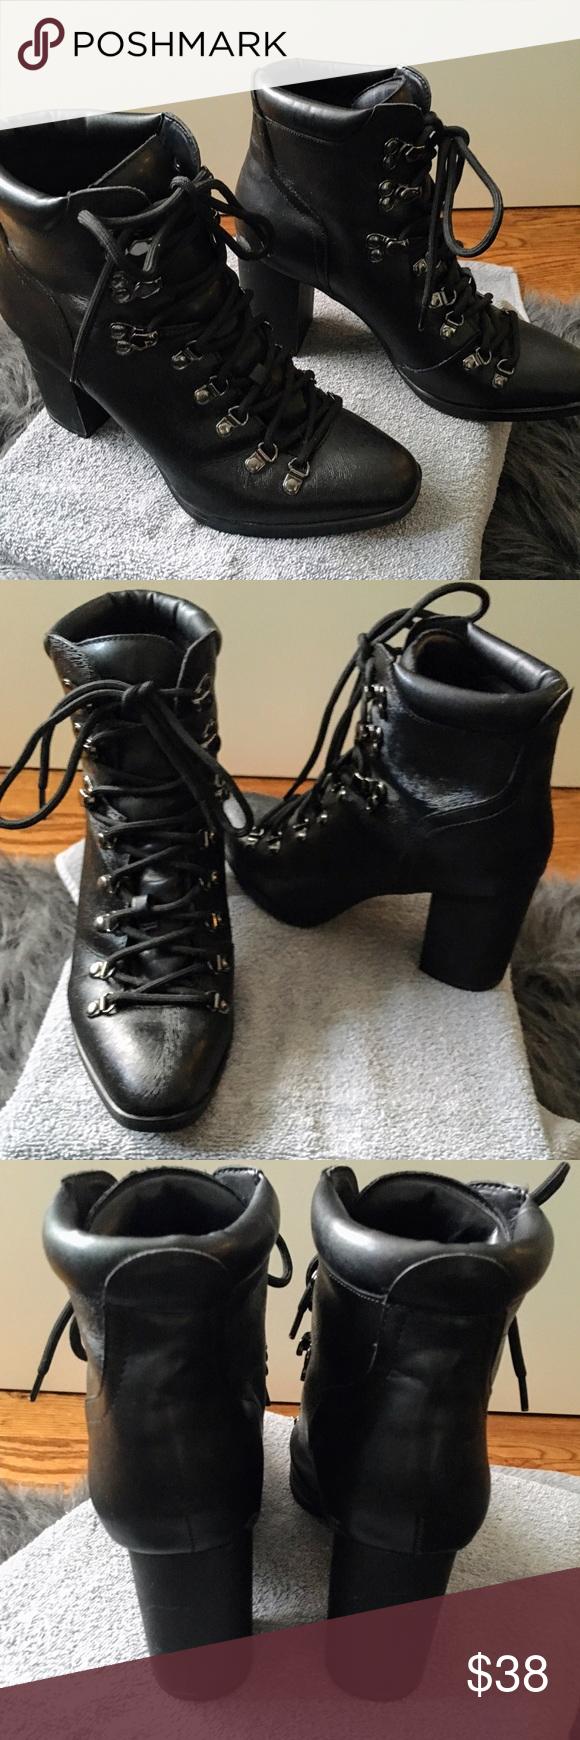 FOOTWEAR - Lace-up shoes E...vee prps0